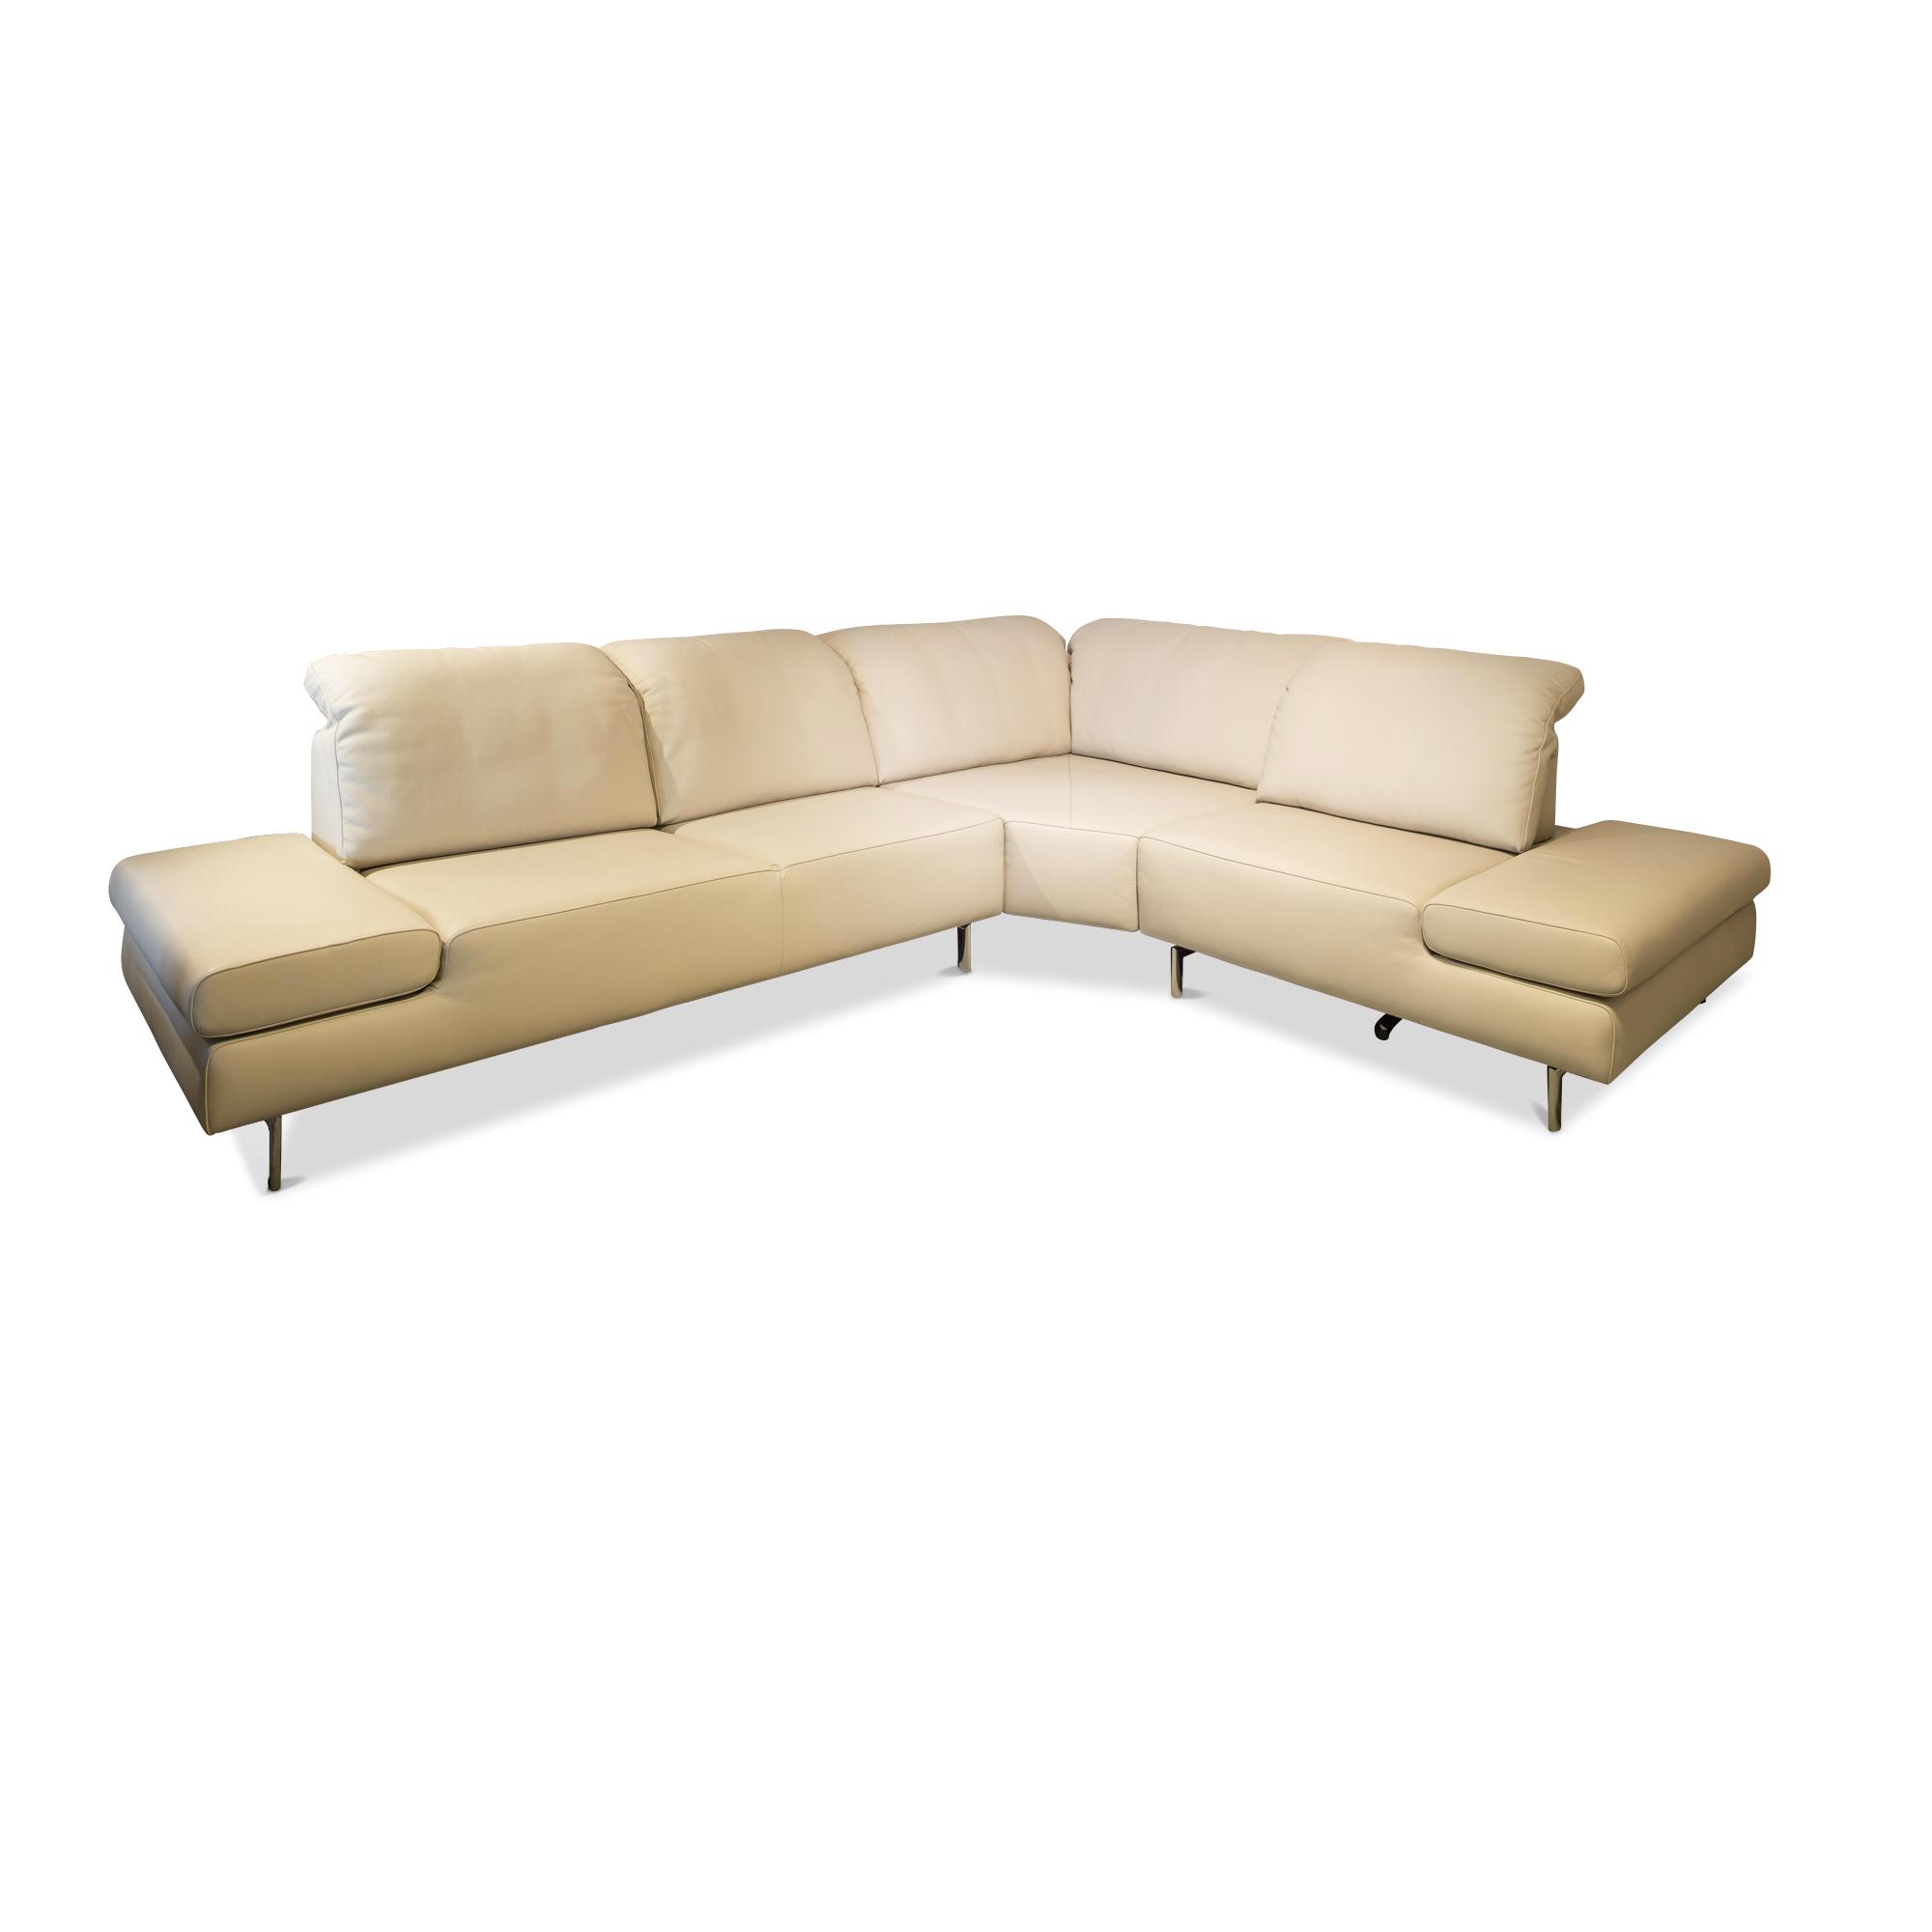 ecksofa 6500 mit sitztiefenverstellung contur sofas g nstig kaufen m belfirst. Black Bedroom Furniture Sets. Home Design Ideas